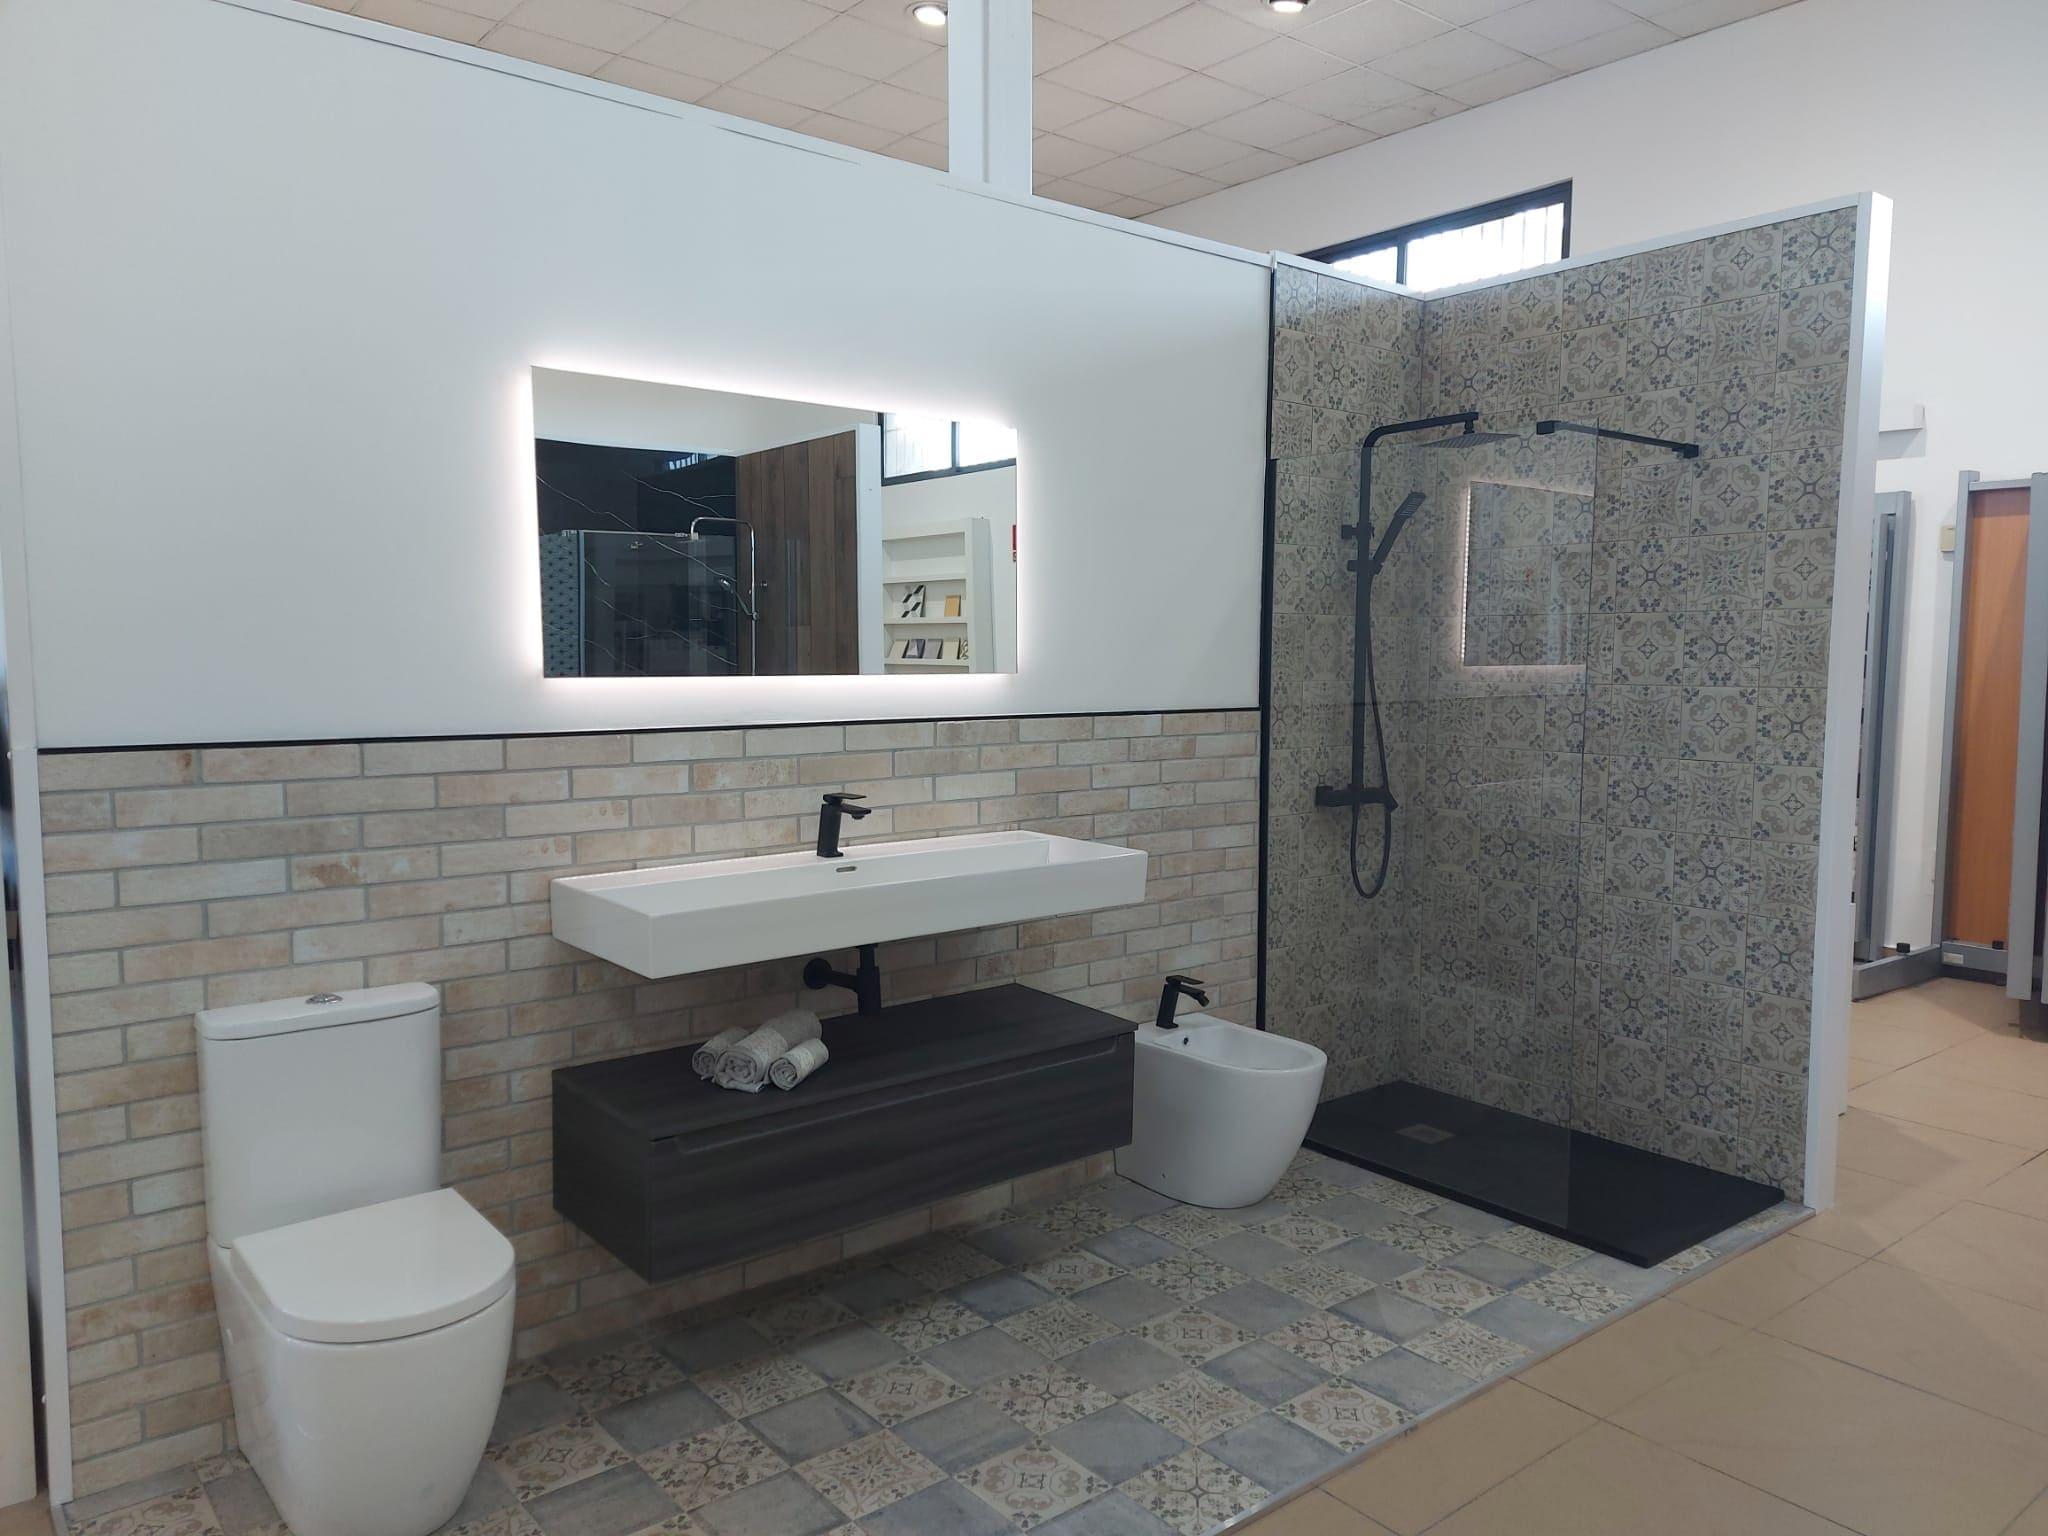 bano-baldosas-ducha-inodoro Exposición Azulejos Cerámica y Baño